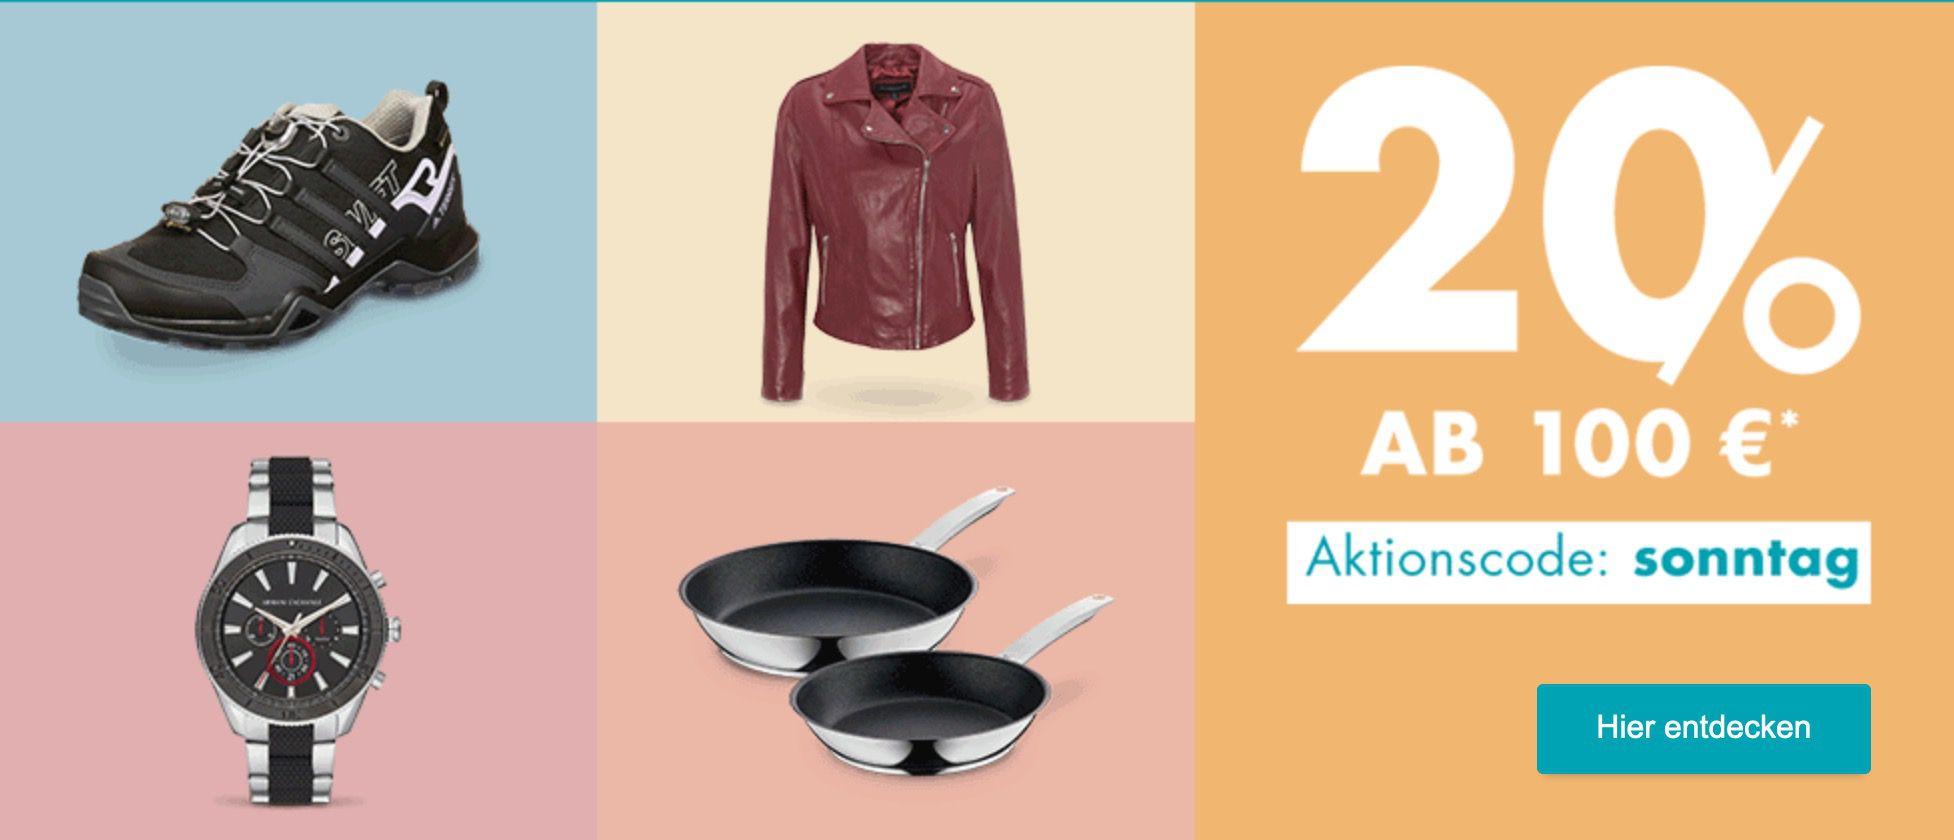 Galeria Sonntags Schätze: 20% extra Rabatt auf (fast) alles ab 100€